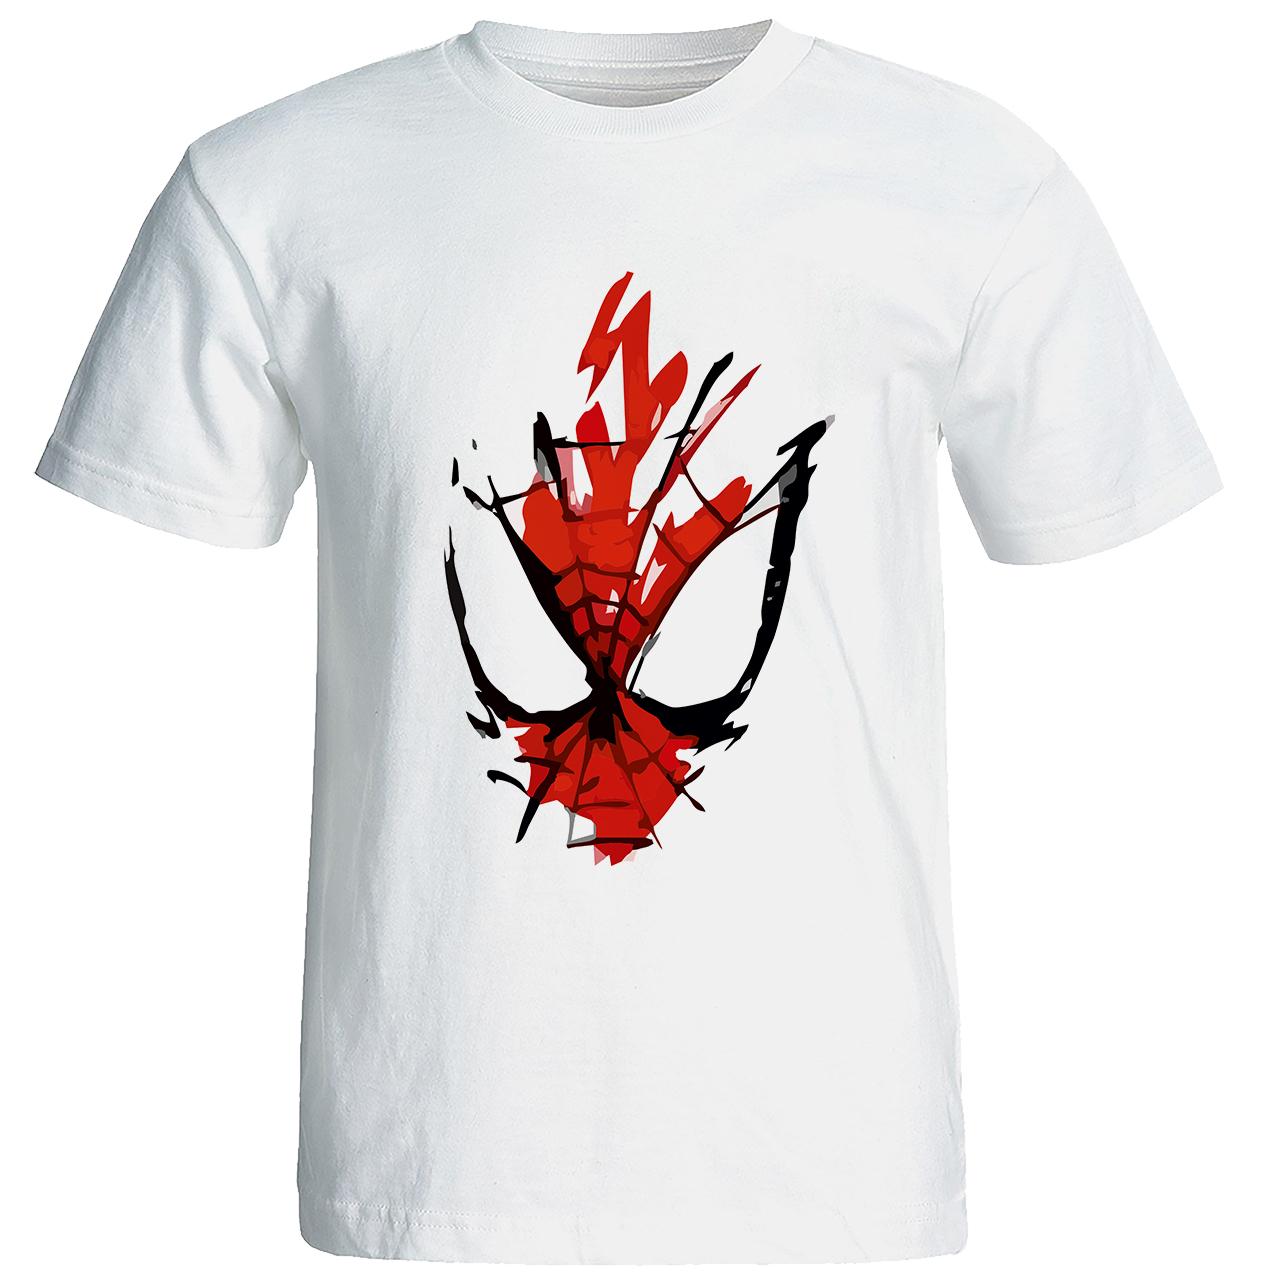 عکس تی شرت مردانه طرح مرد عنکبوتی کد w210